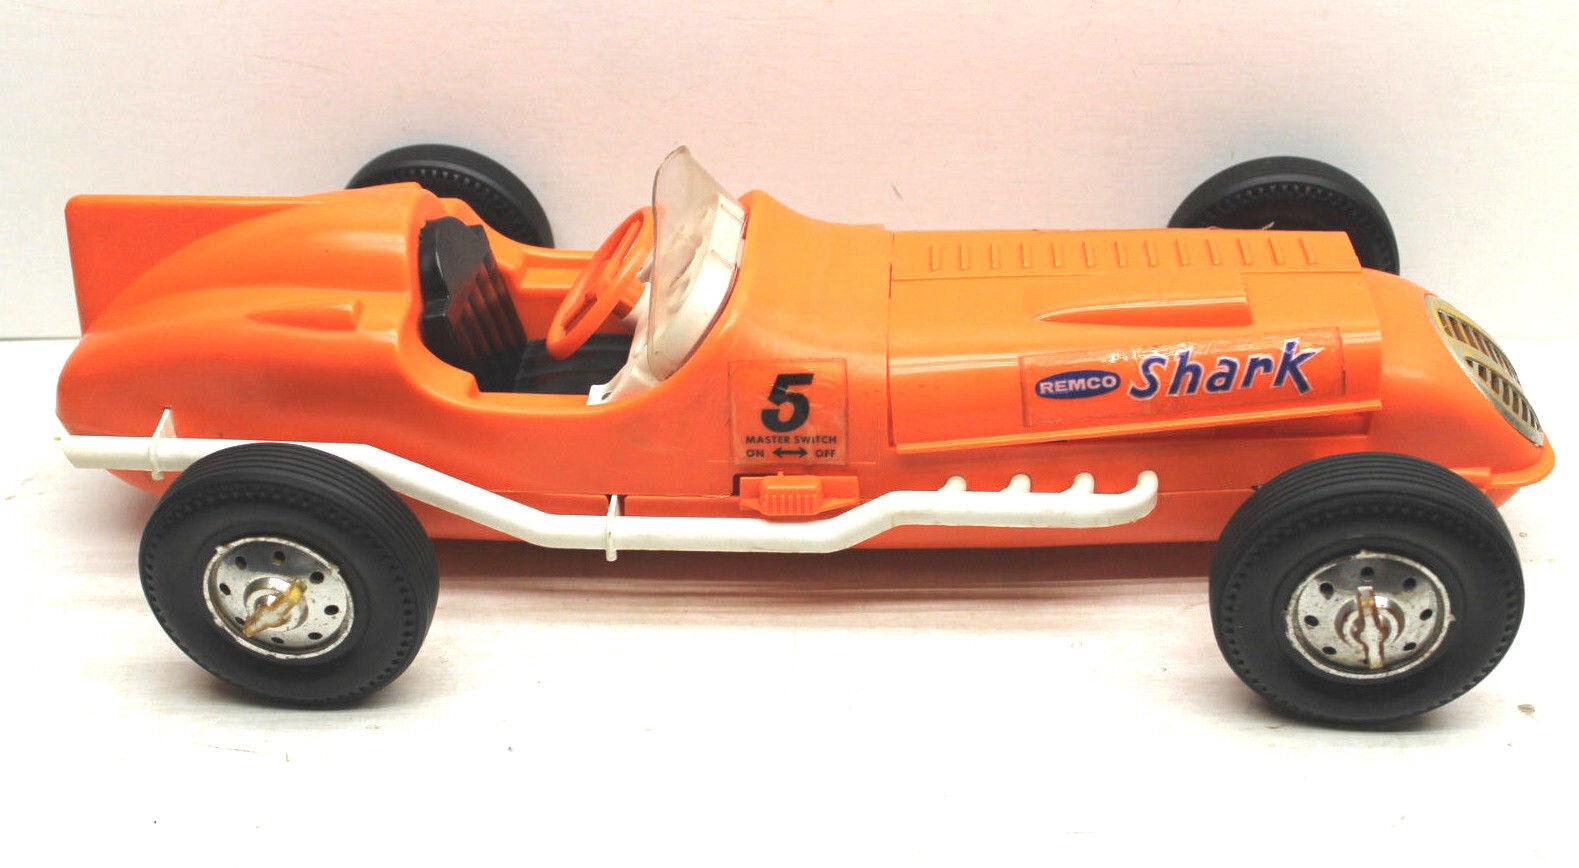 Vintage Remco USA Newark NJ Land Shark Tether Racer Offy Indy modificado de plástico